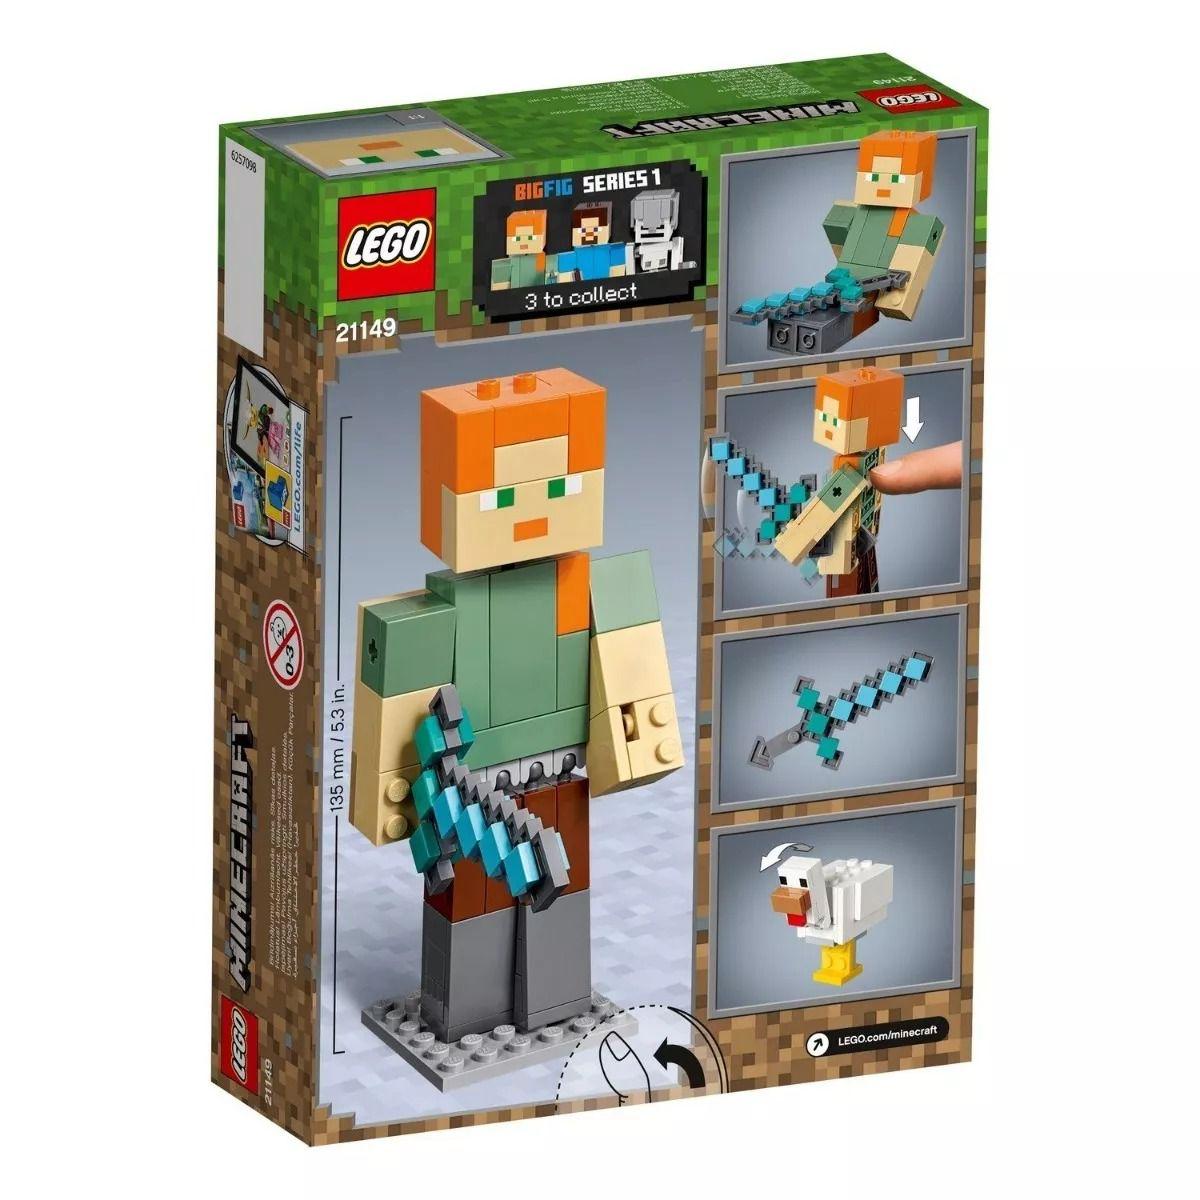 Lego 21149 Minecraft  - Bigfig - Alex Gigante E Galinha  - 160 peças  - Doce Diversão